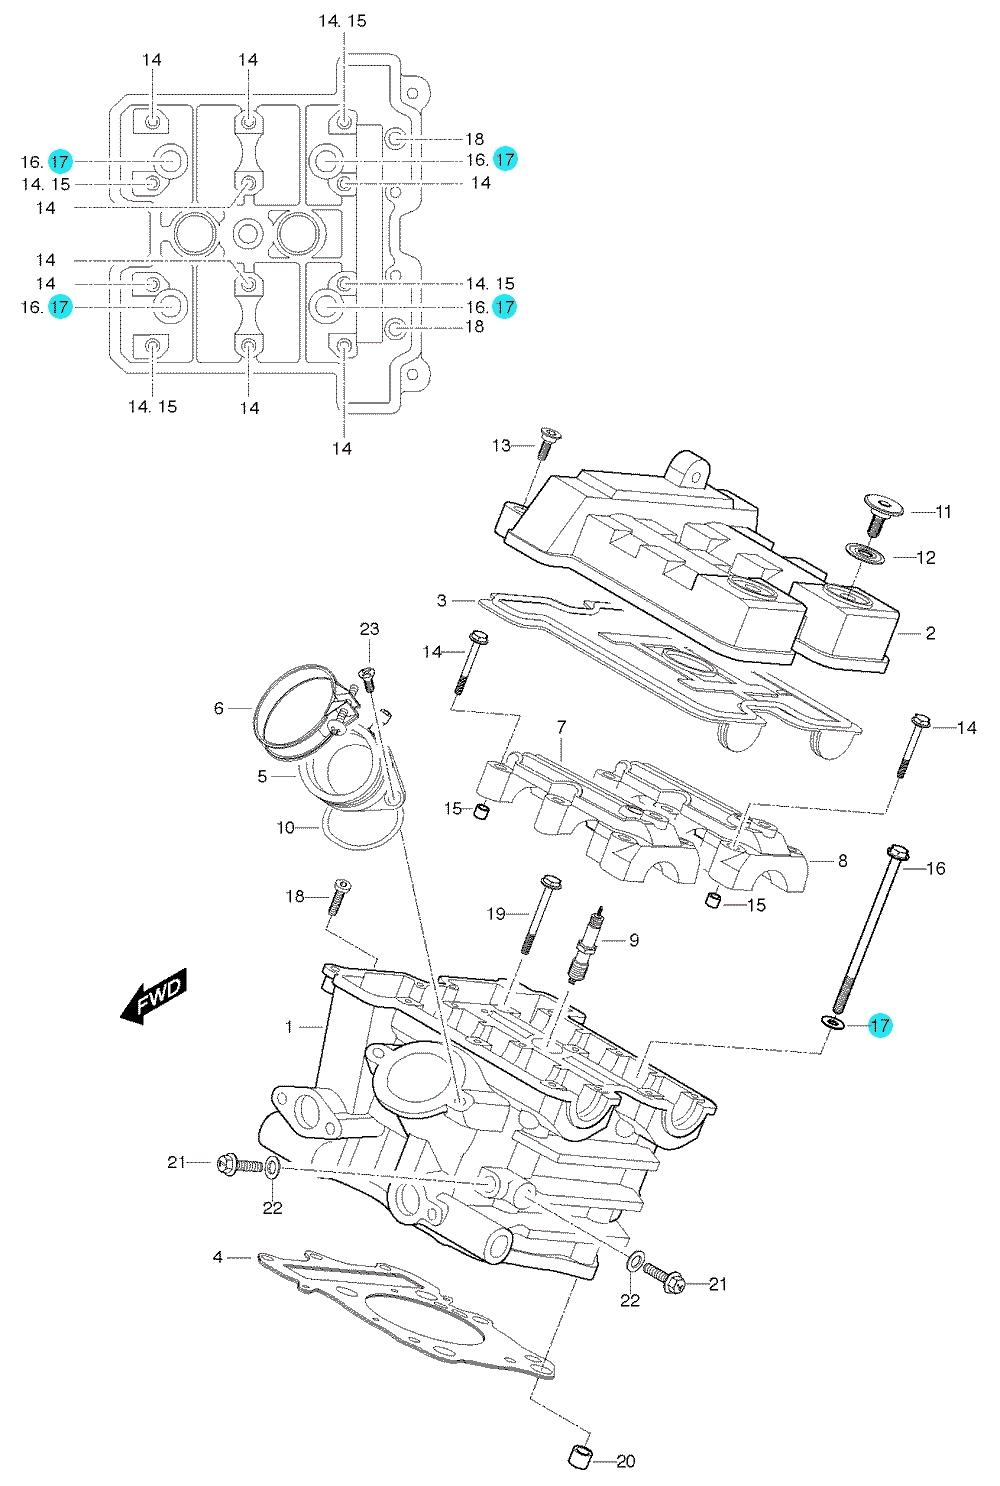 [17] Podložka (hlava zadního válce) - Hyosung GT 650 S & R